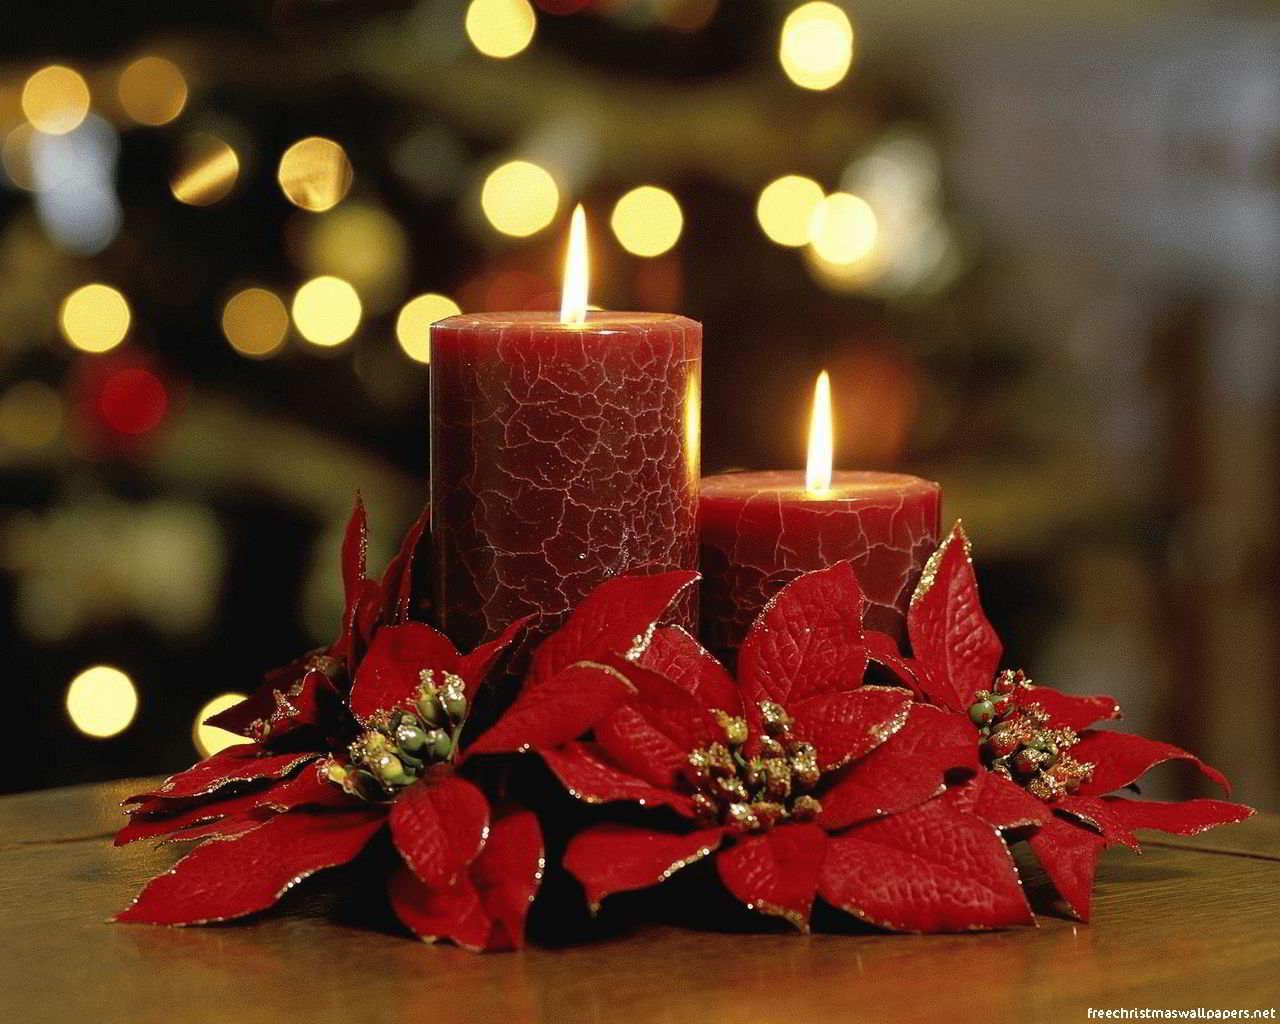 Ритуалы на Рождество 6-7 января 2019 на деньги и любовь